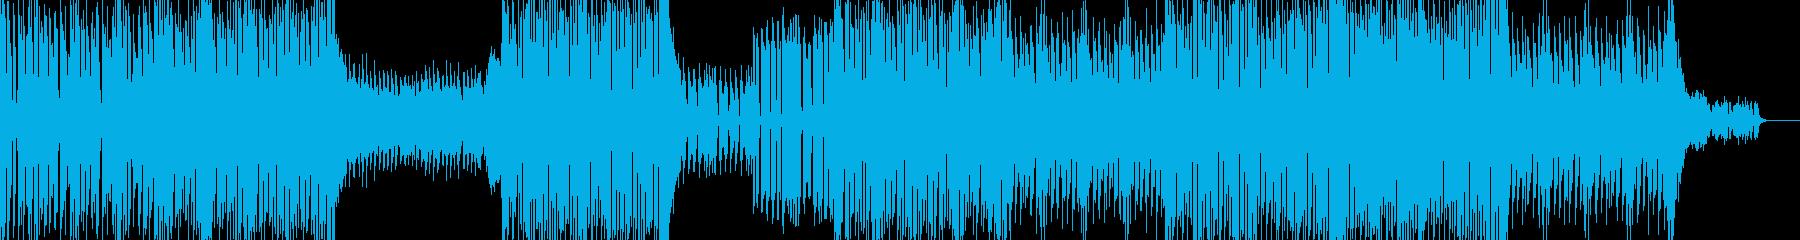 グルーヴ感と展開が印象的なピアノテクノの再生済みの波形